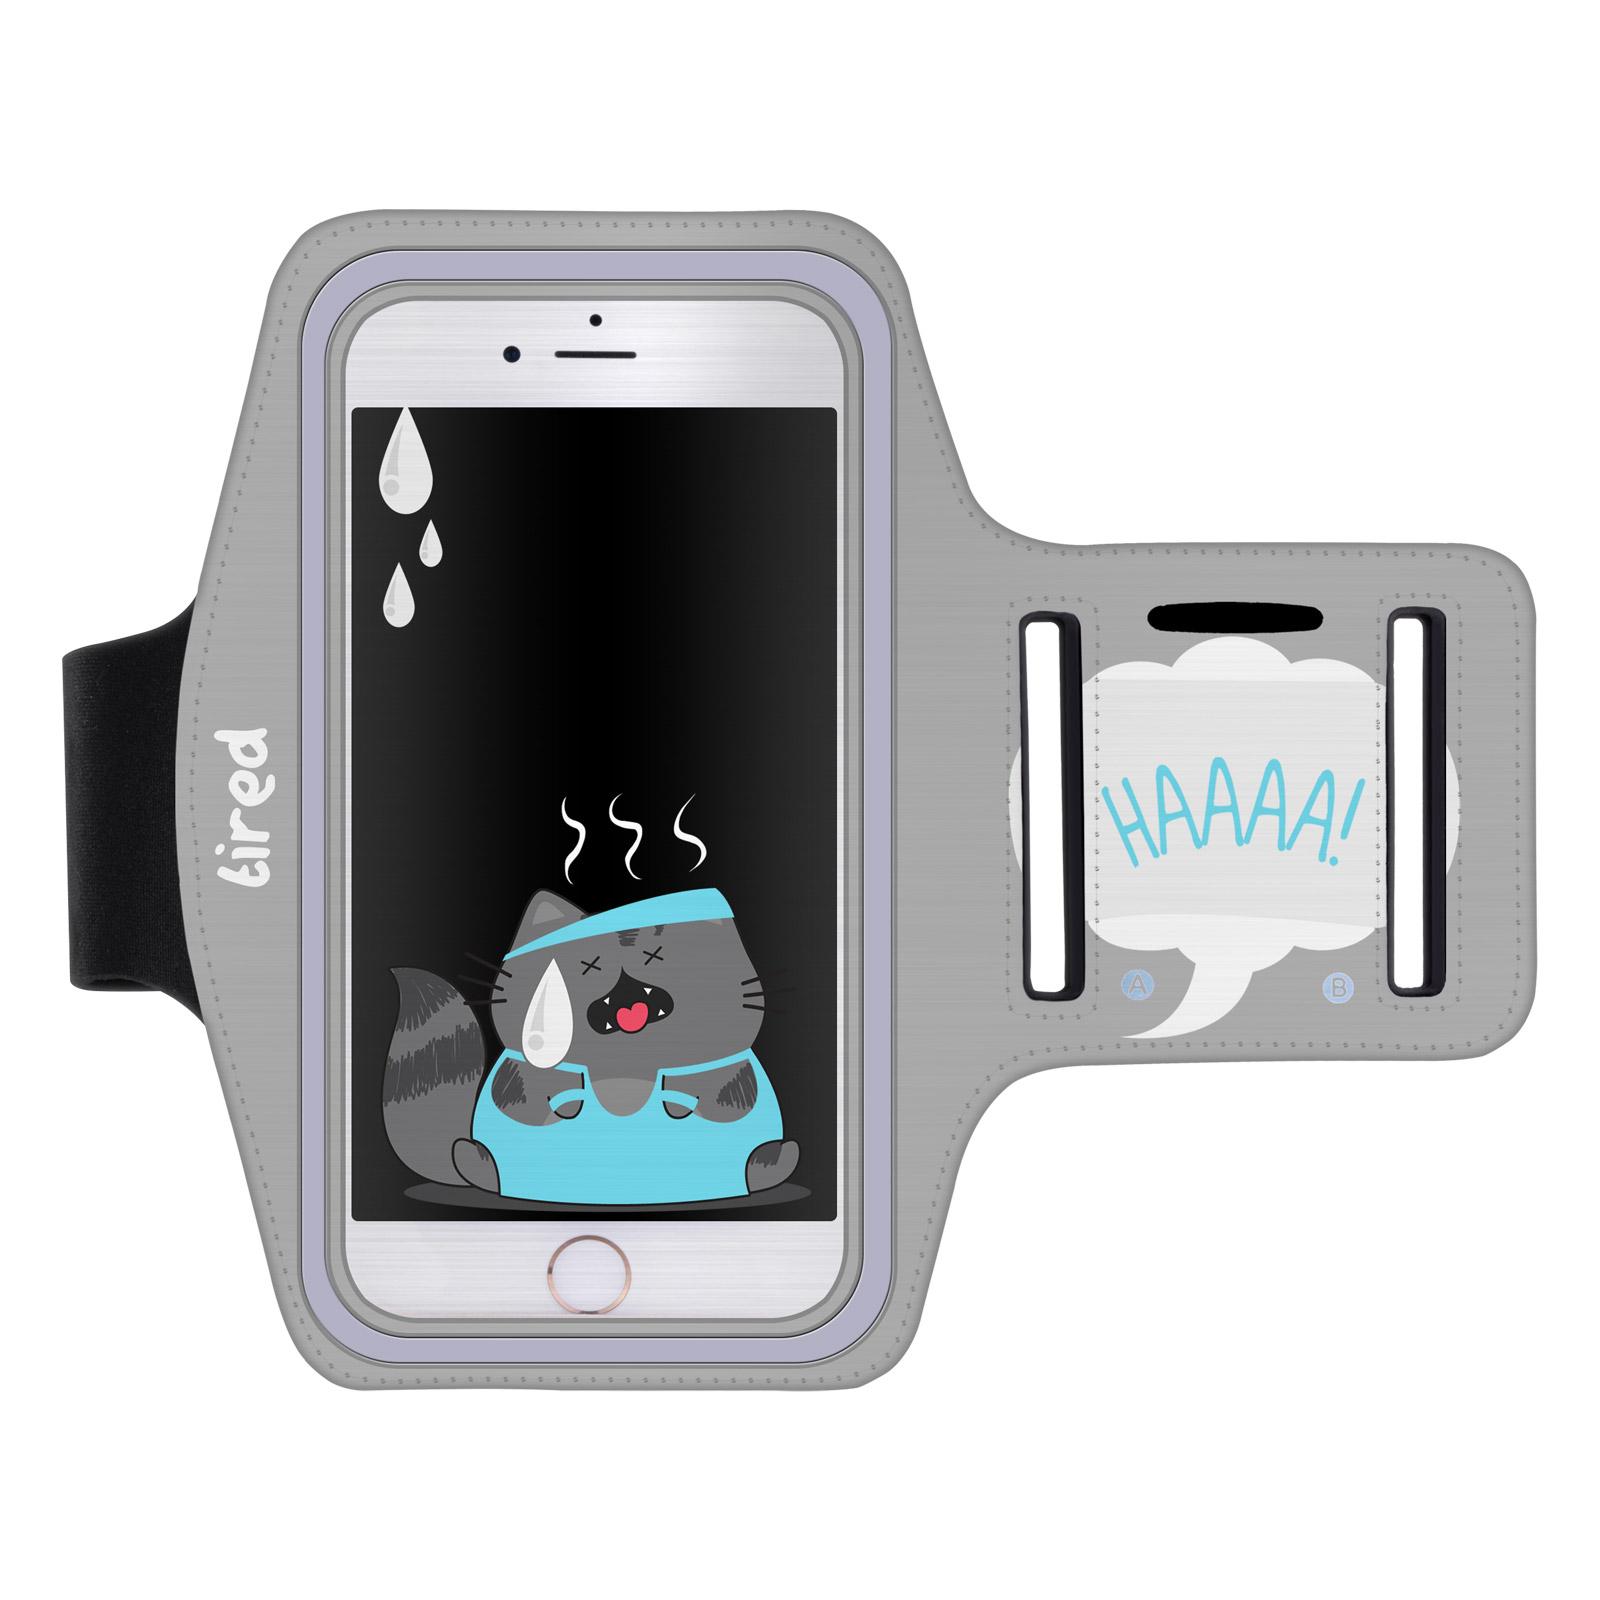 """Sportovní pouzdro na ruku TIRED WILLBUR pro mobily do 5,1"""" S7 / iPhone 6 šedé (Pouzdro na běhání pro mobilní telefony do 5,1 palců)"""